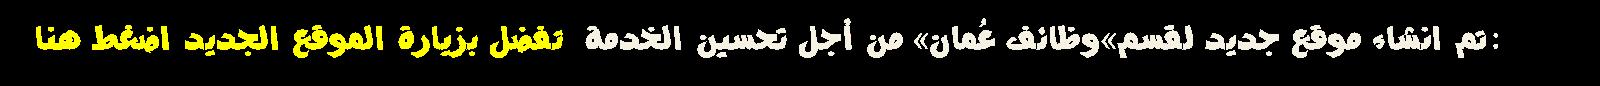 وظائف خالية في عمان